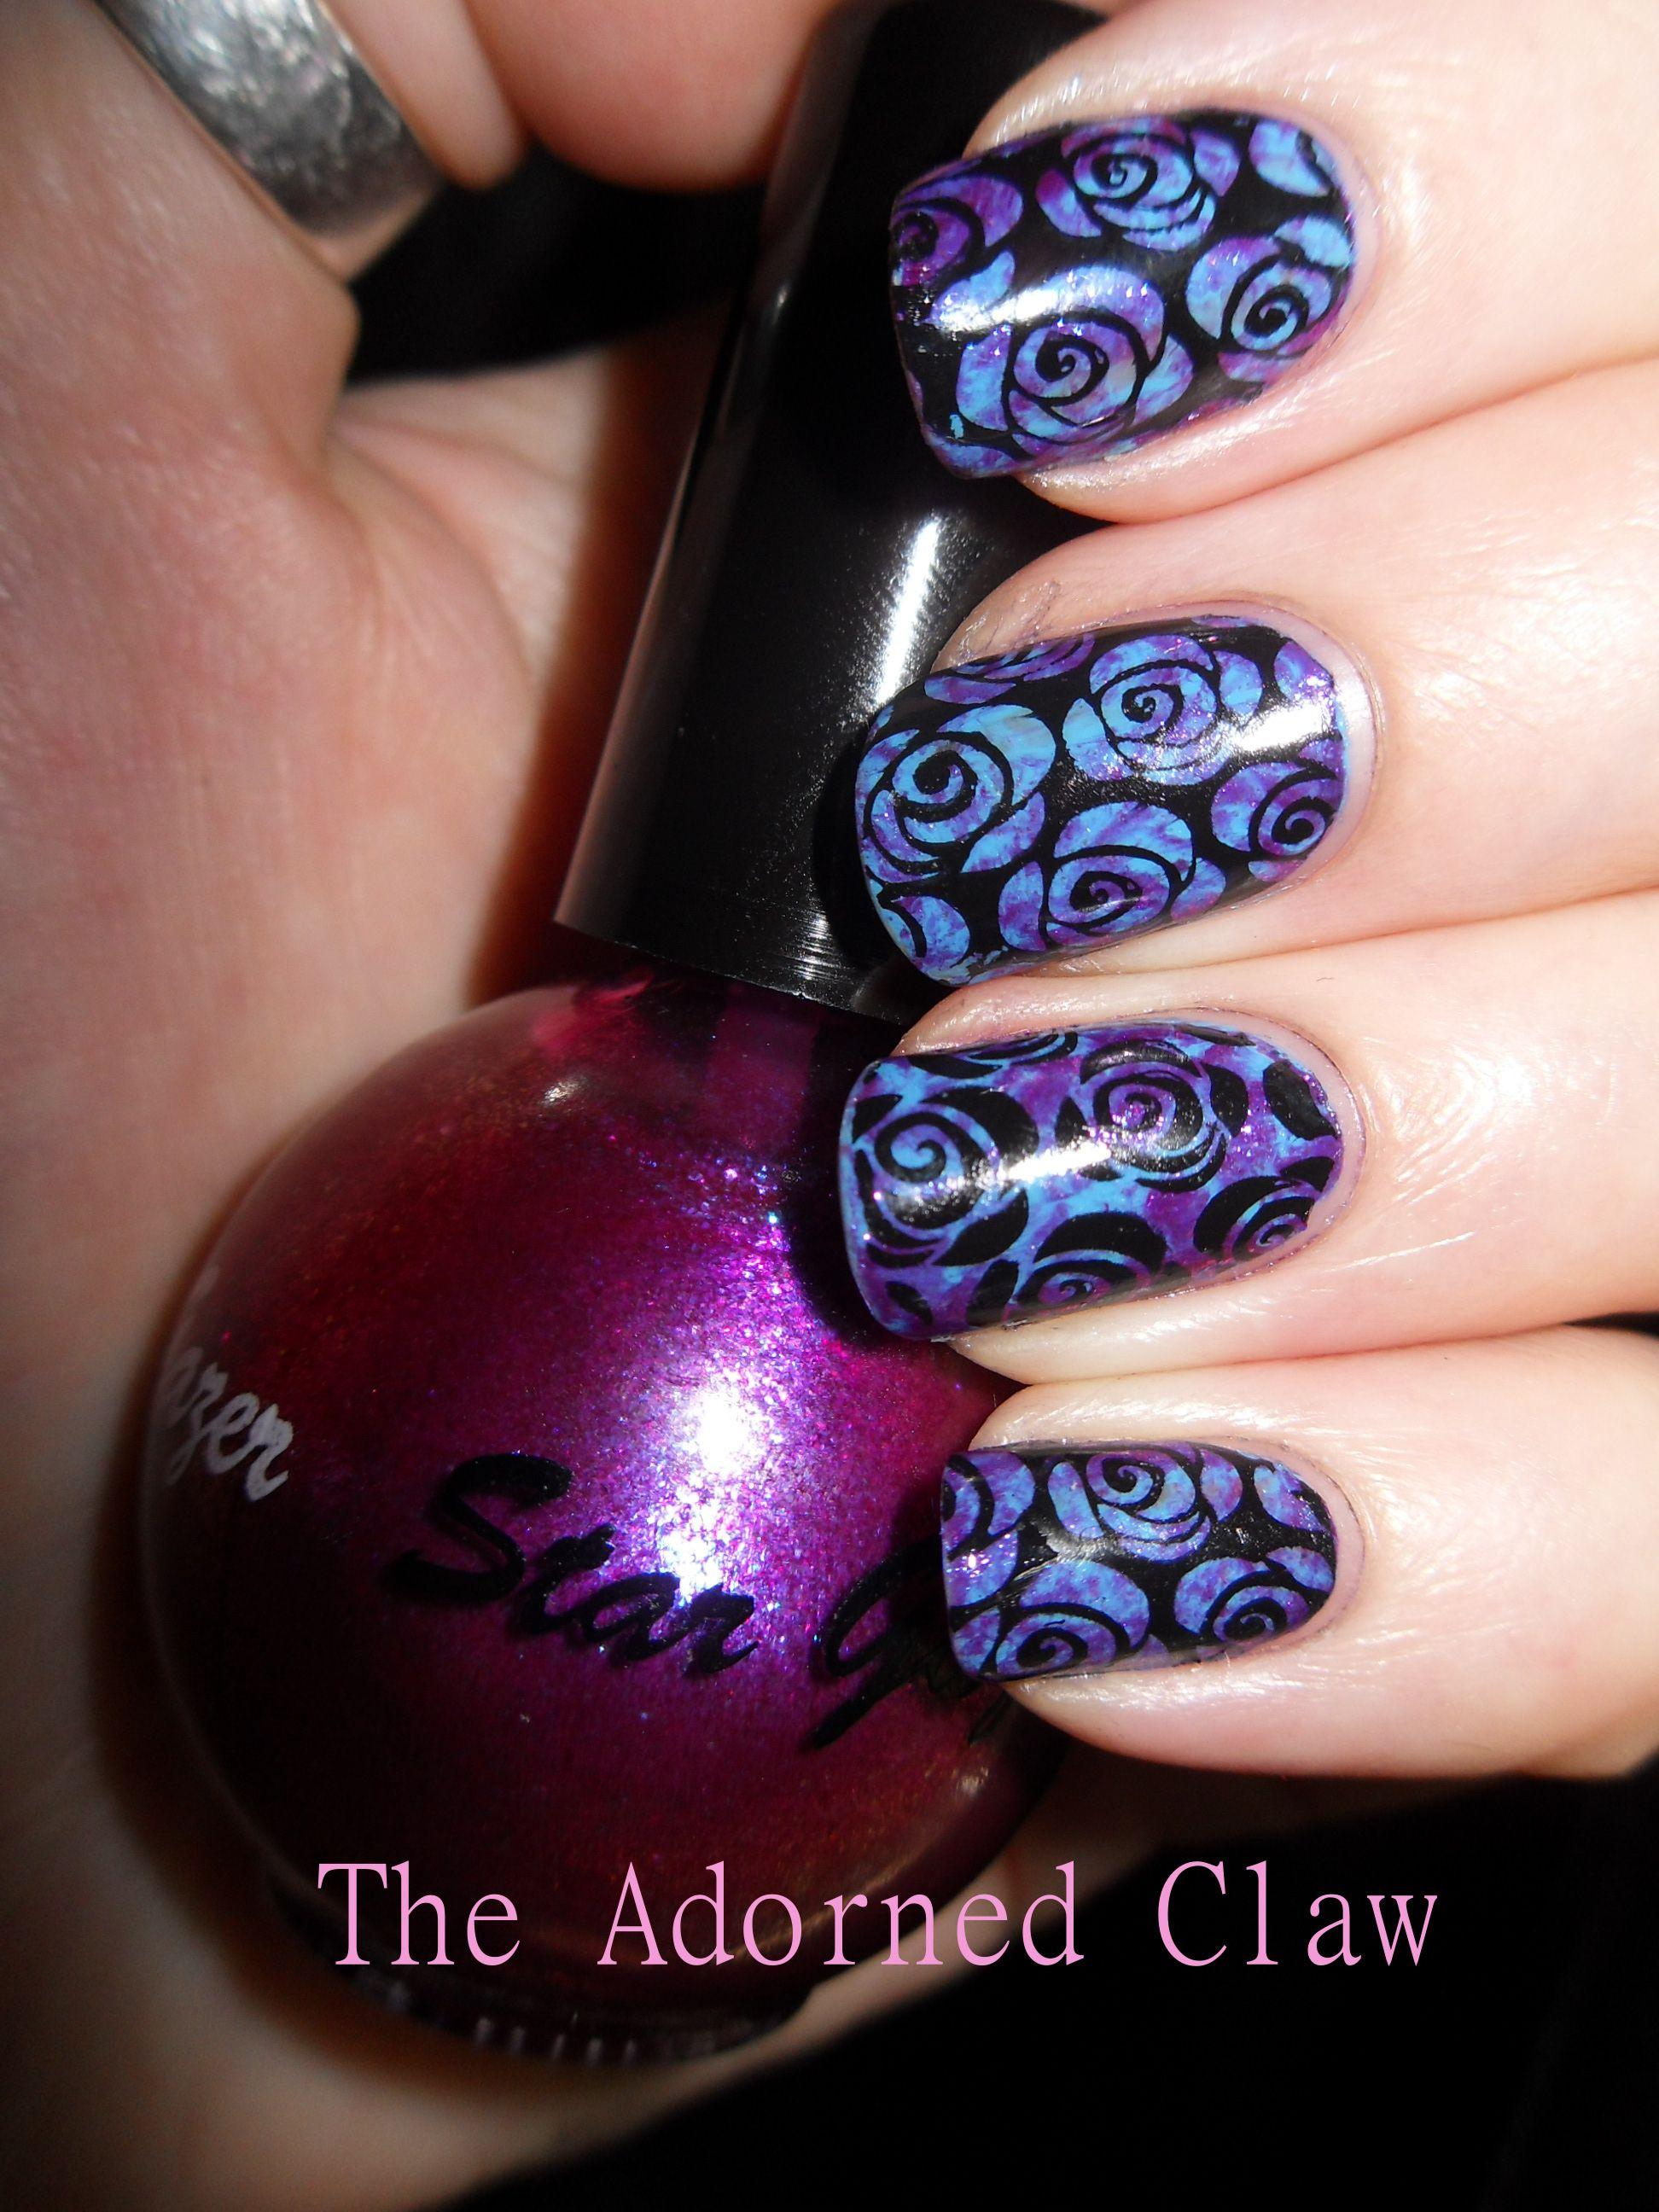 Purple And Blue Rose Nail Art Rose Nail Art Rose Nail Design Rose Nails